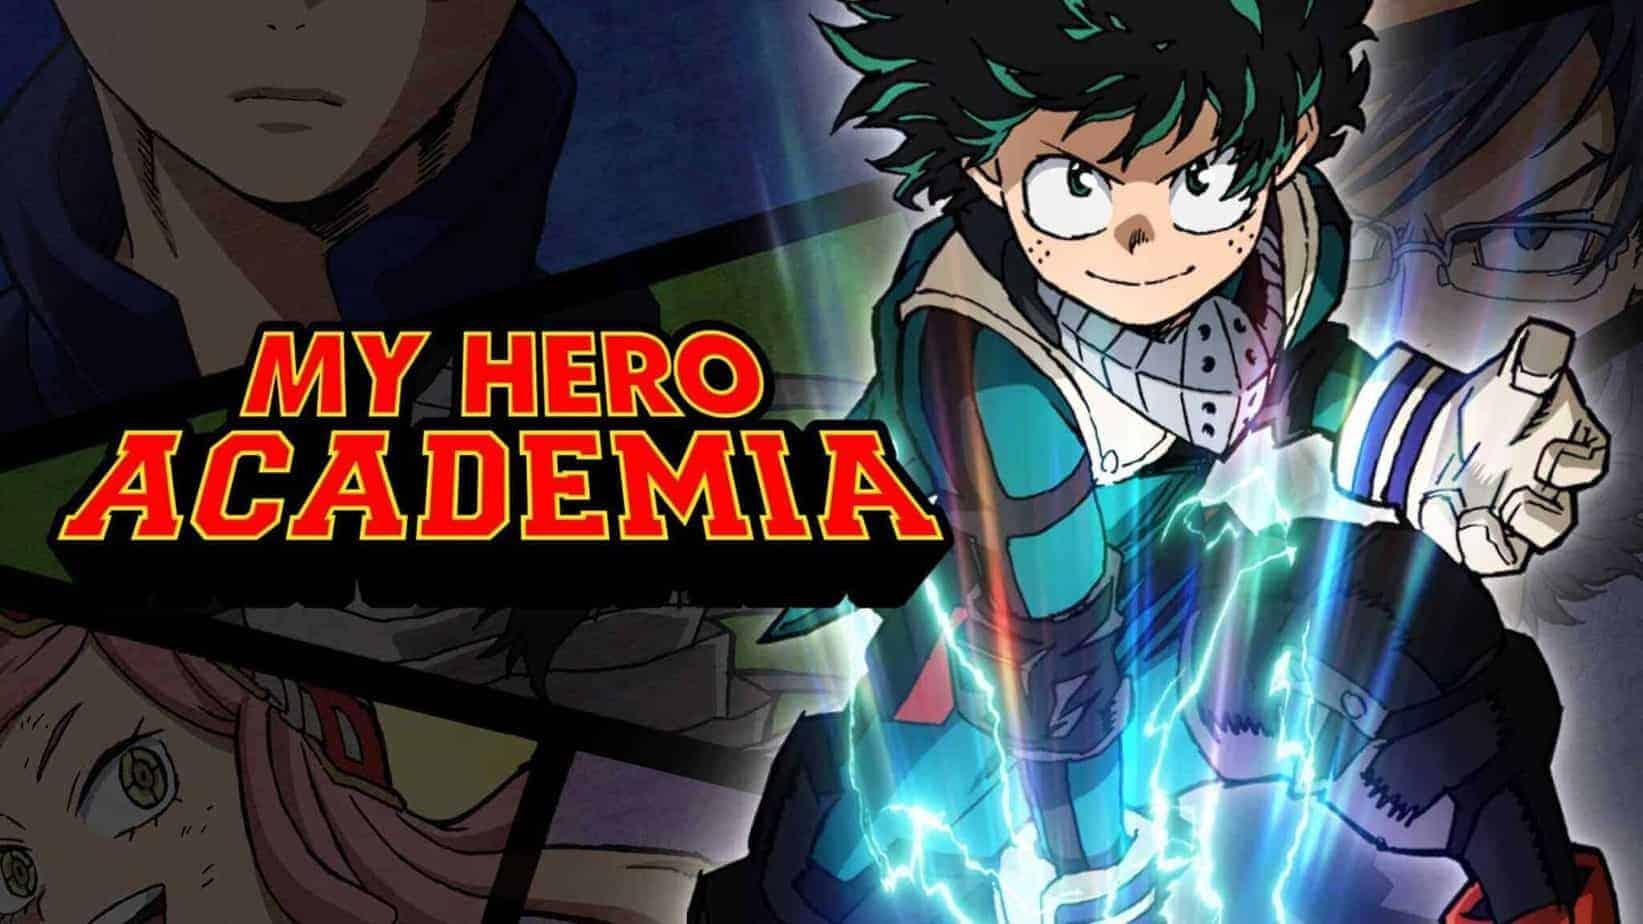 My Hero Academia Saison 3 Épisode 6 : Fuites d'images et spoilers 5